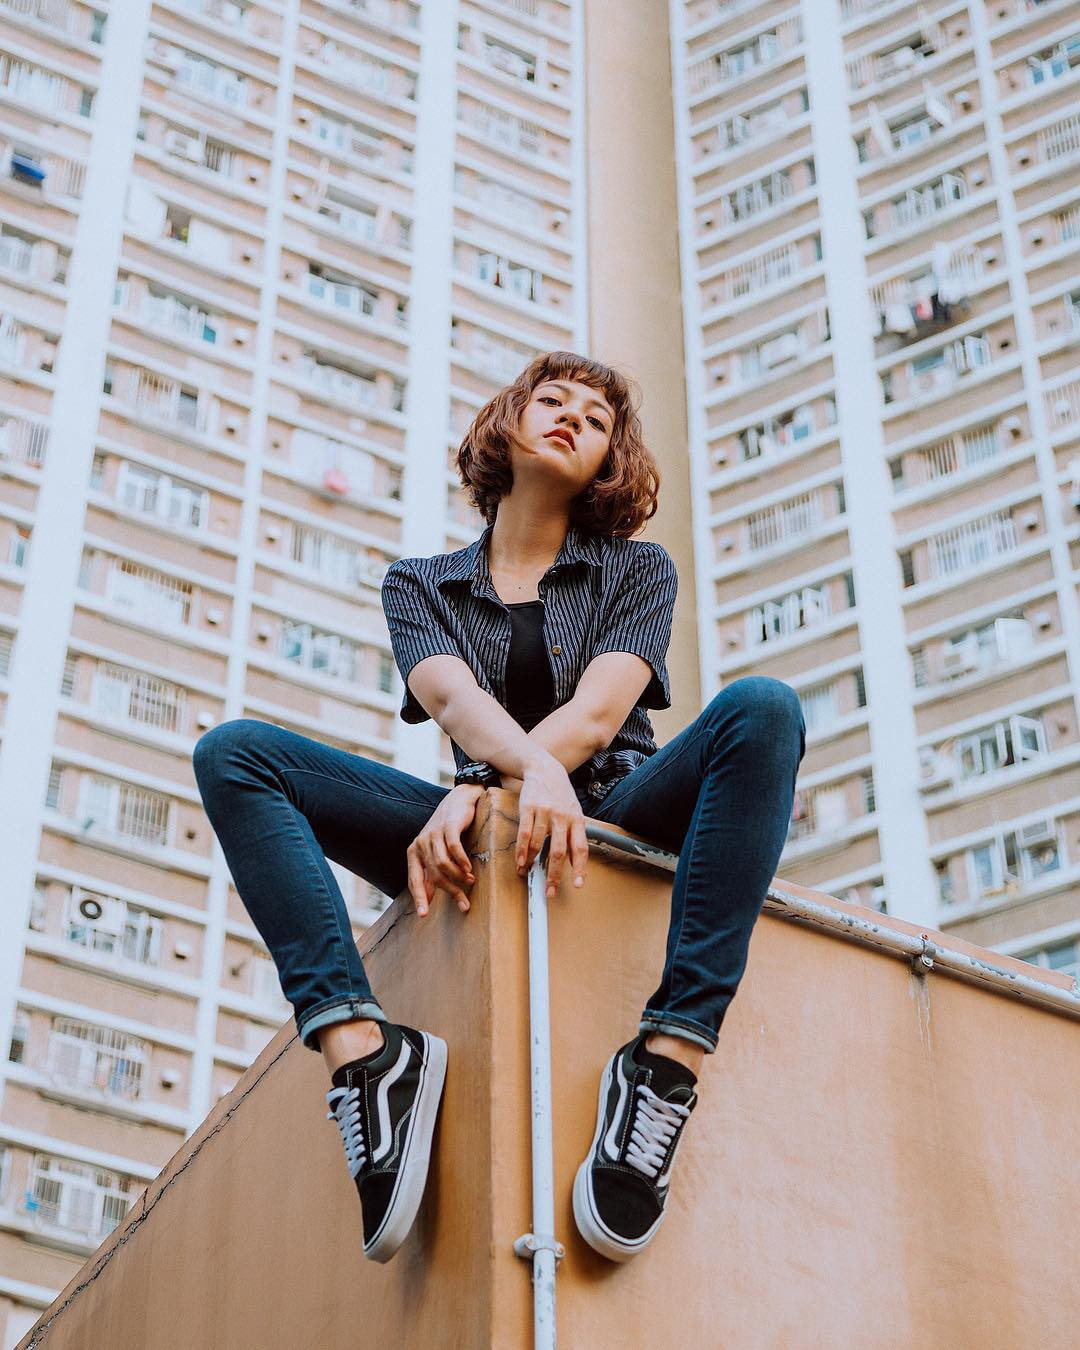 Bỏ túi ngay 8 điểm 'sống ảo' nổi tiếng ở Hong Kong, vị trí thứ 2 hot đến nỗi còn lọt vào top được check-in nhiều nhất trên Instagram! - Ảnh 32.